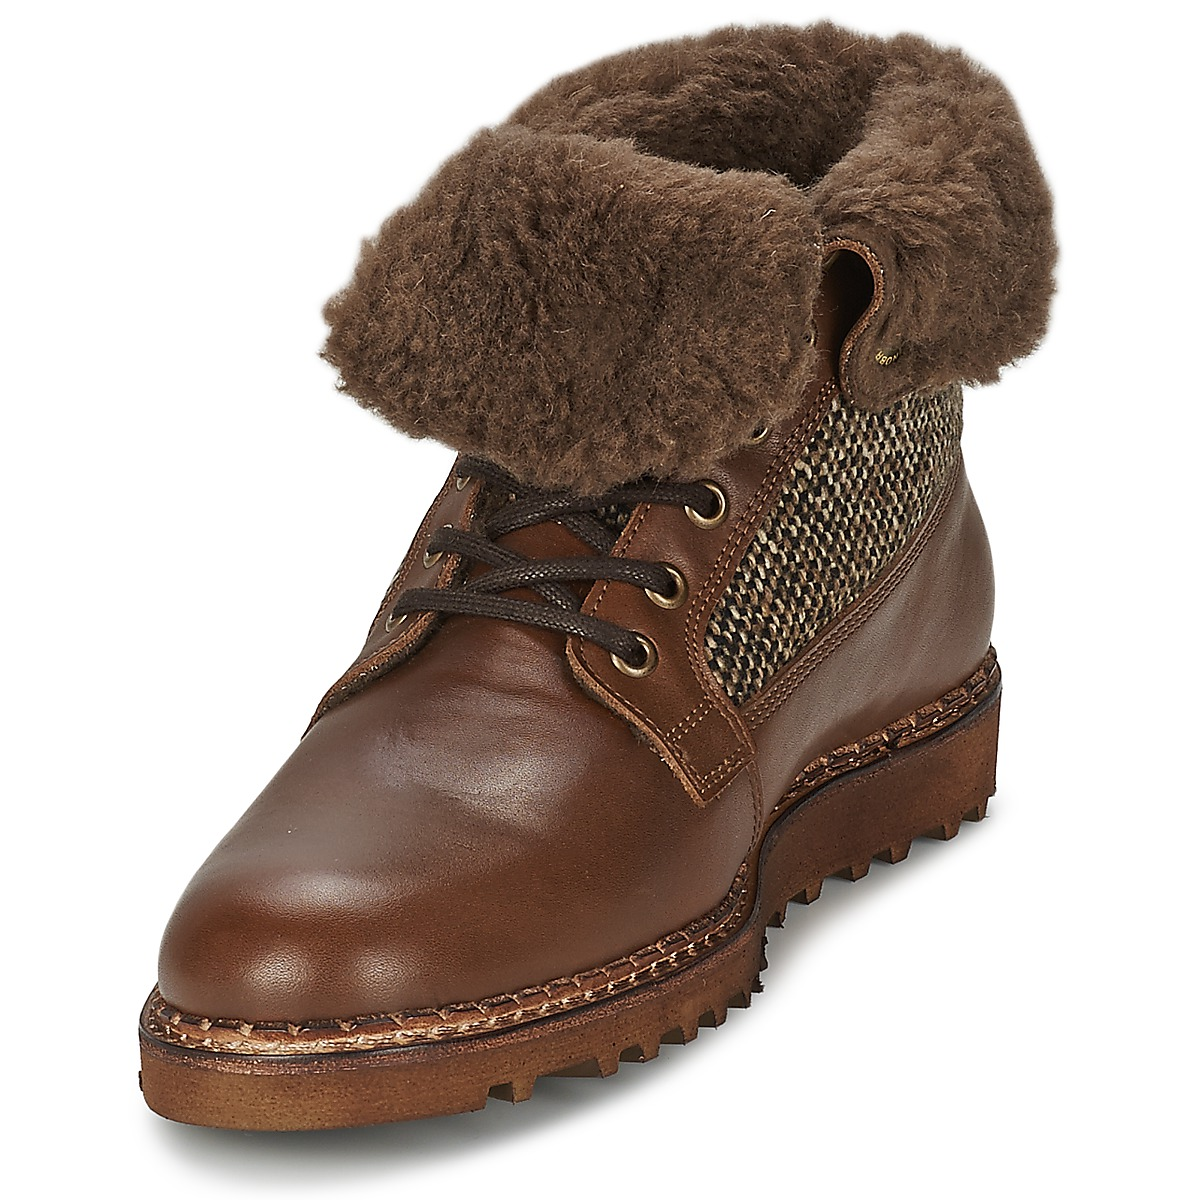 Nobrand STREET Avellana Avellana Avellana - Envío gratis Nueva promoción - Zapatos Botas de caña baja Hombre be4e5f